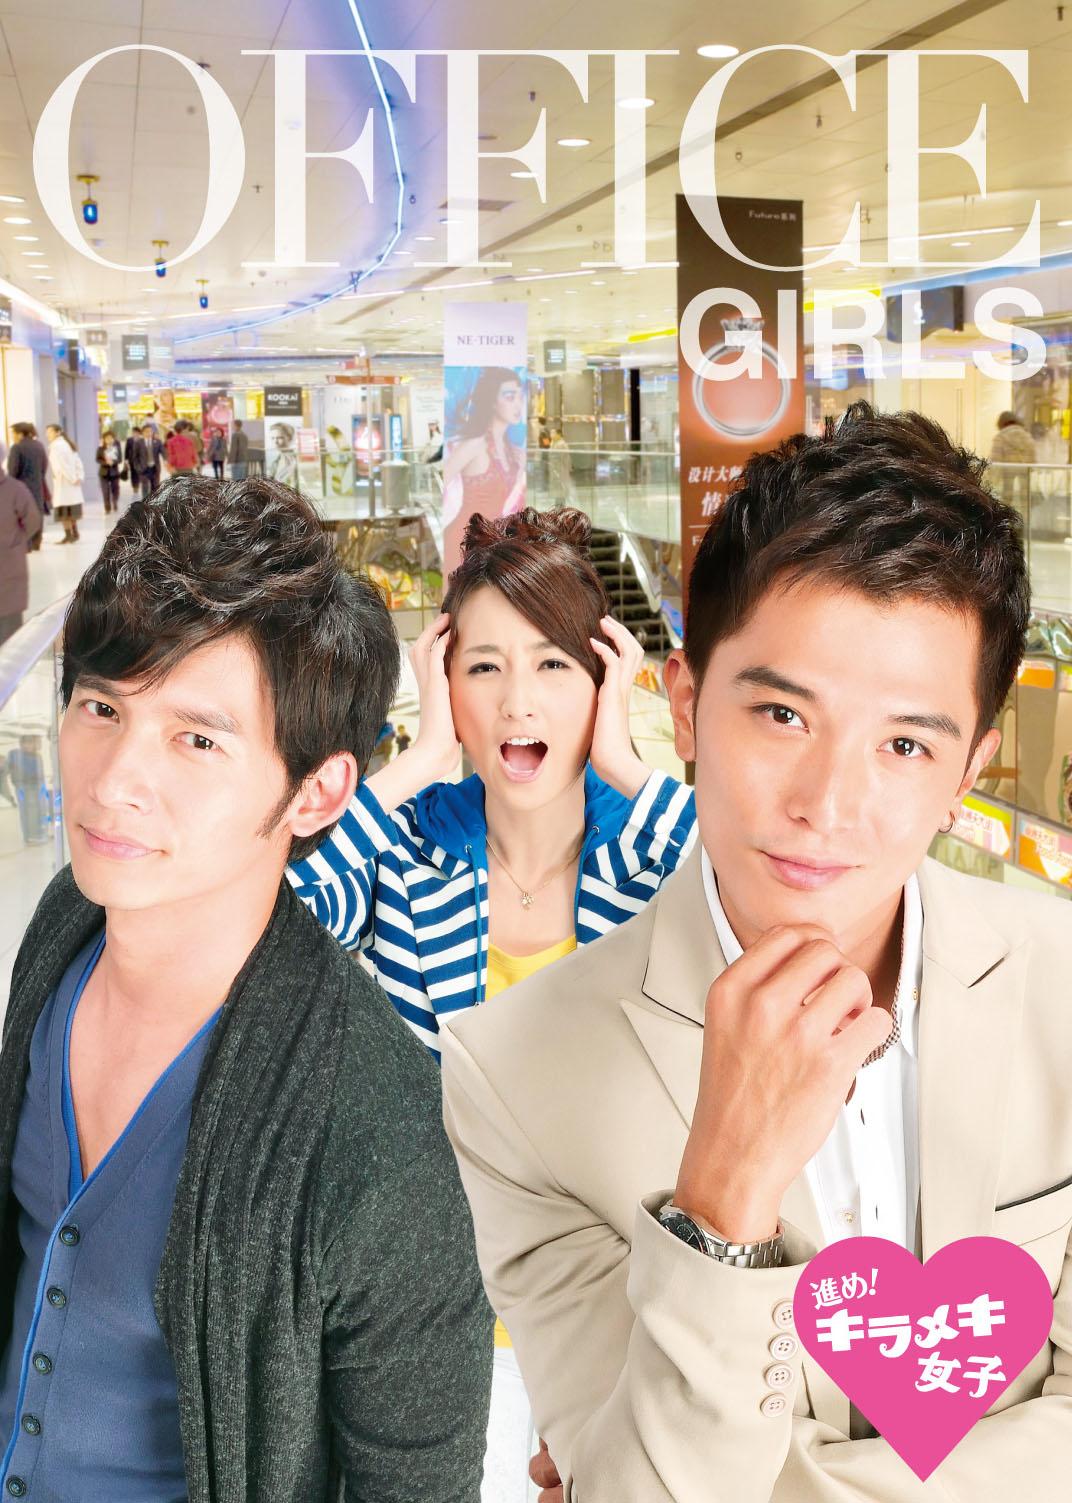 2013年1月来日イベント決定!ロイ・チウ完全復活作! 台湾ドラマ「進め!キラメキ女子」をビデオマーケットでDVD発売と同日にスマホ向け配信開始!